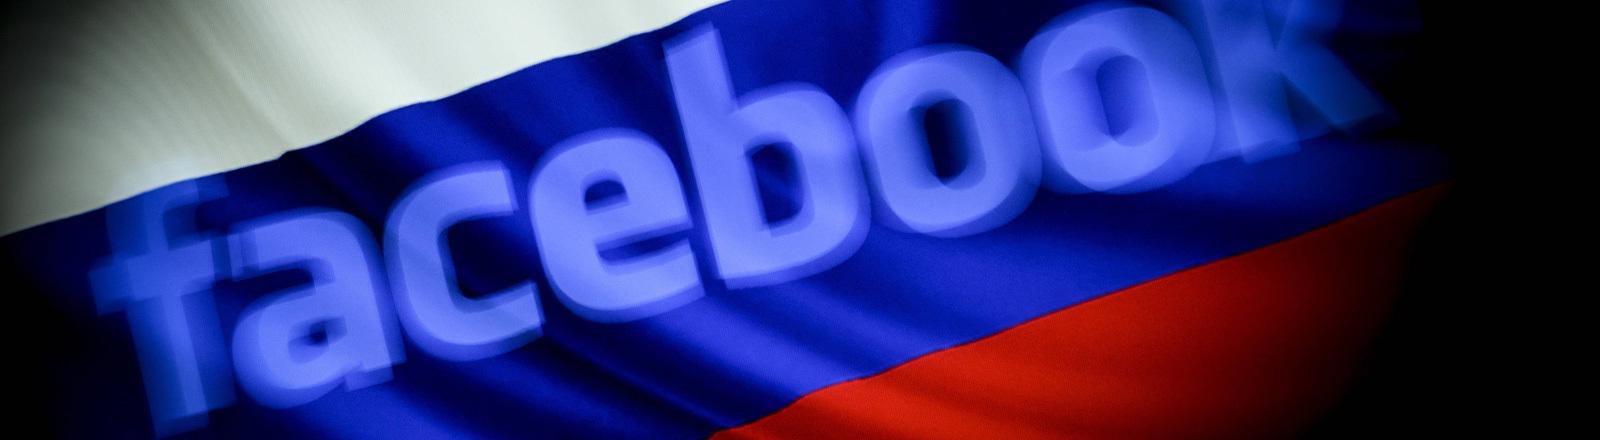 Fotocollage: Hinter dem Schriftzug Facebook weht die russische Flagge.